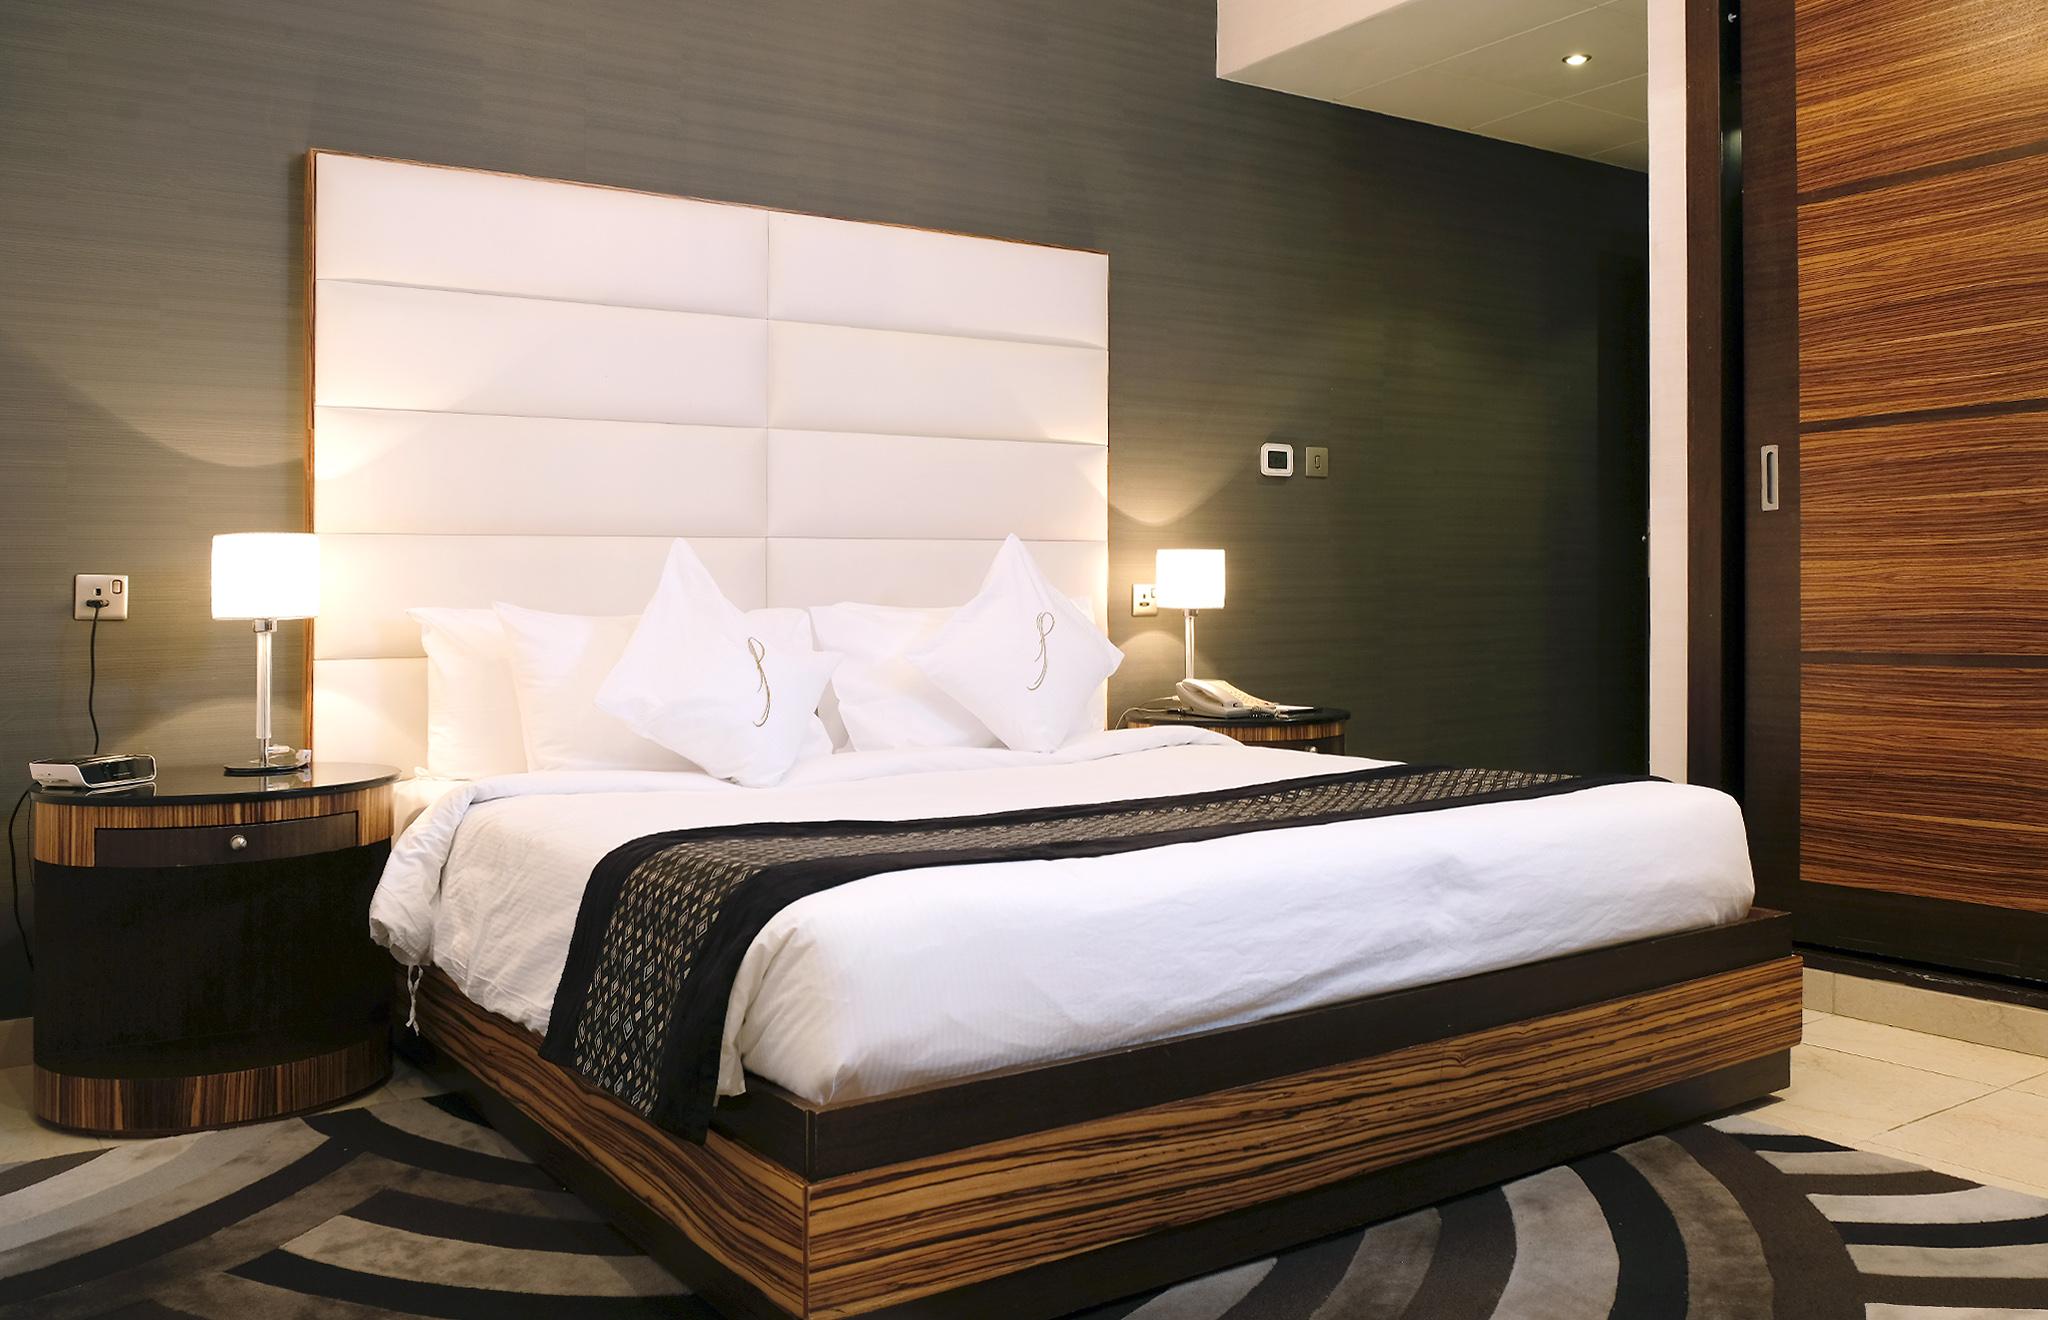 Image CPHA_1BR_Standard_Bedroom.jpg